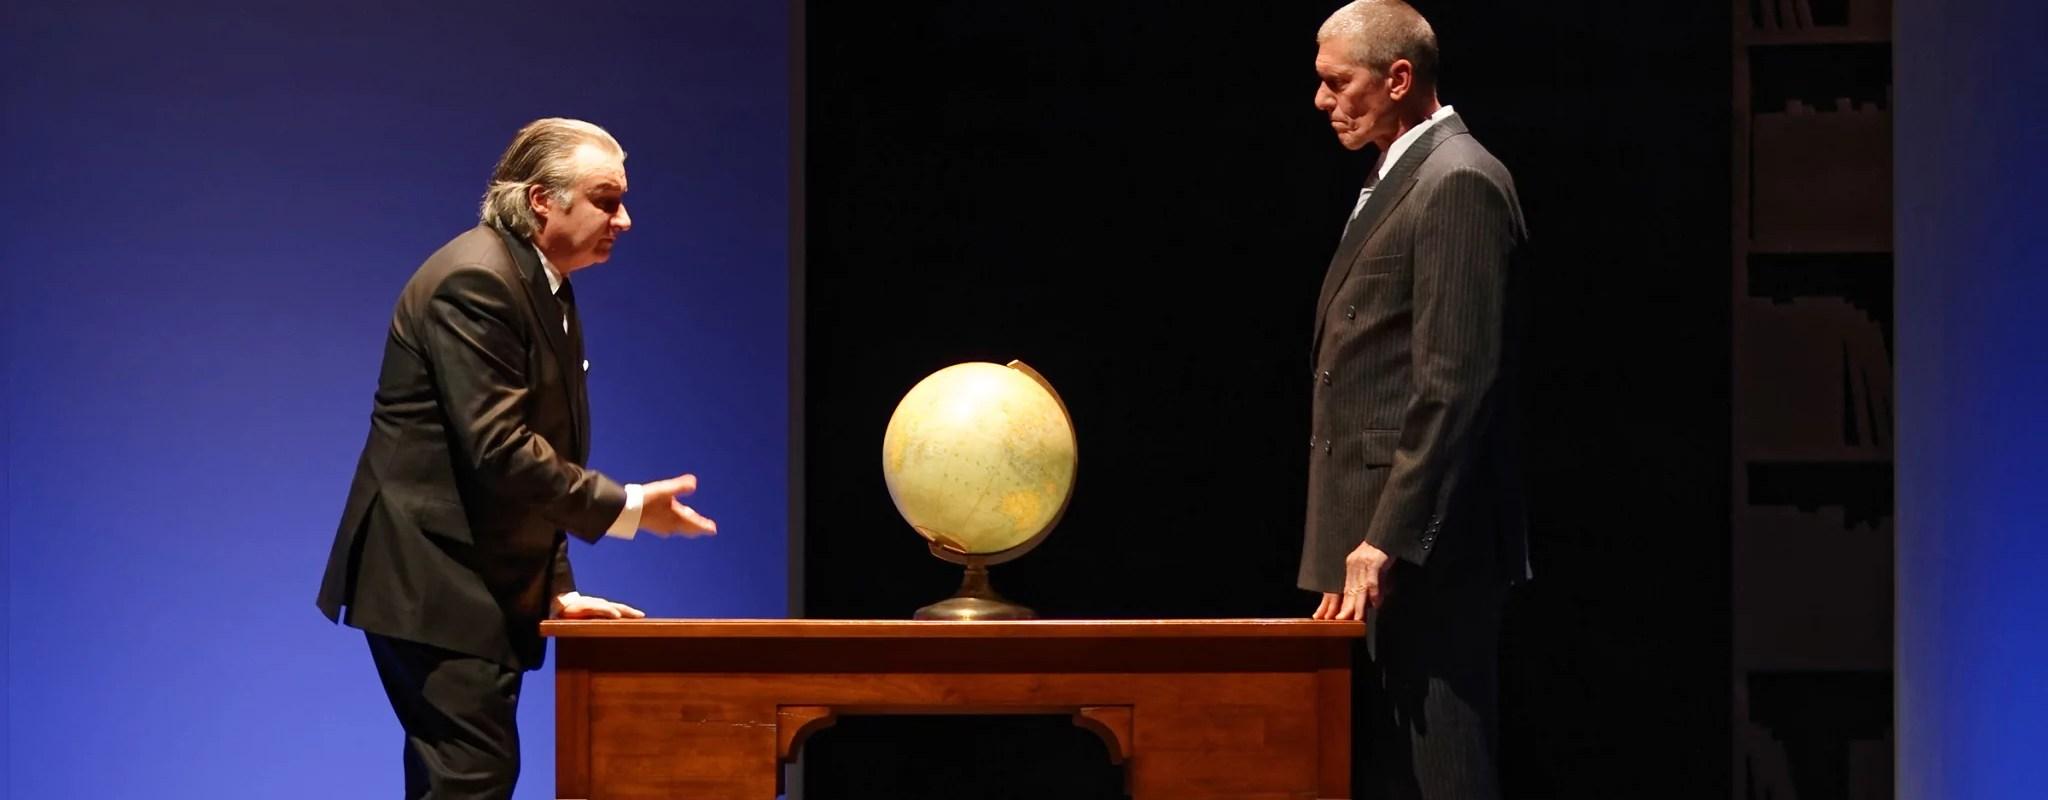 Les derniers mots du général de Gaulle sur la scène du TAPS